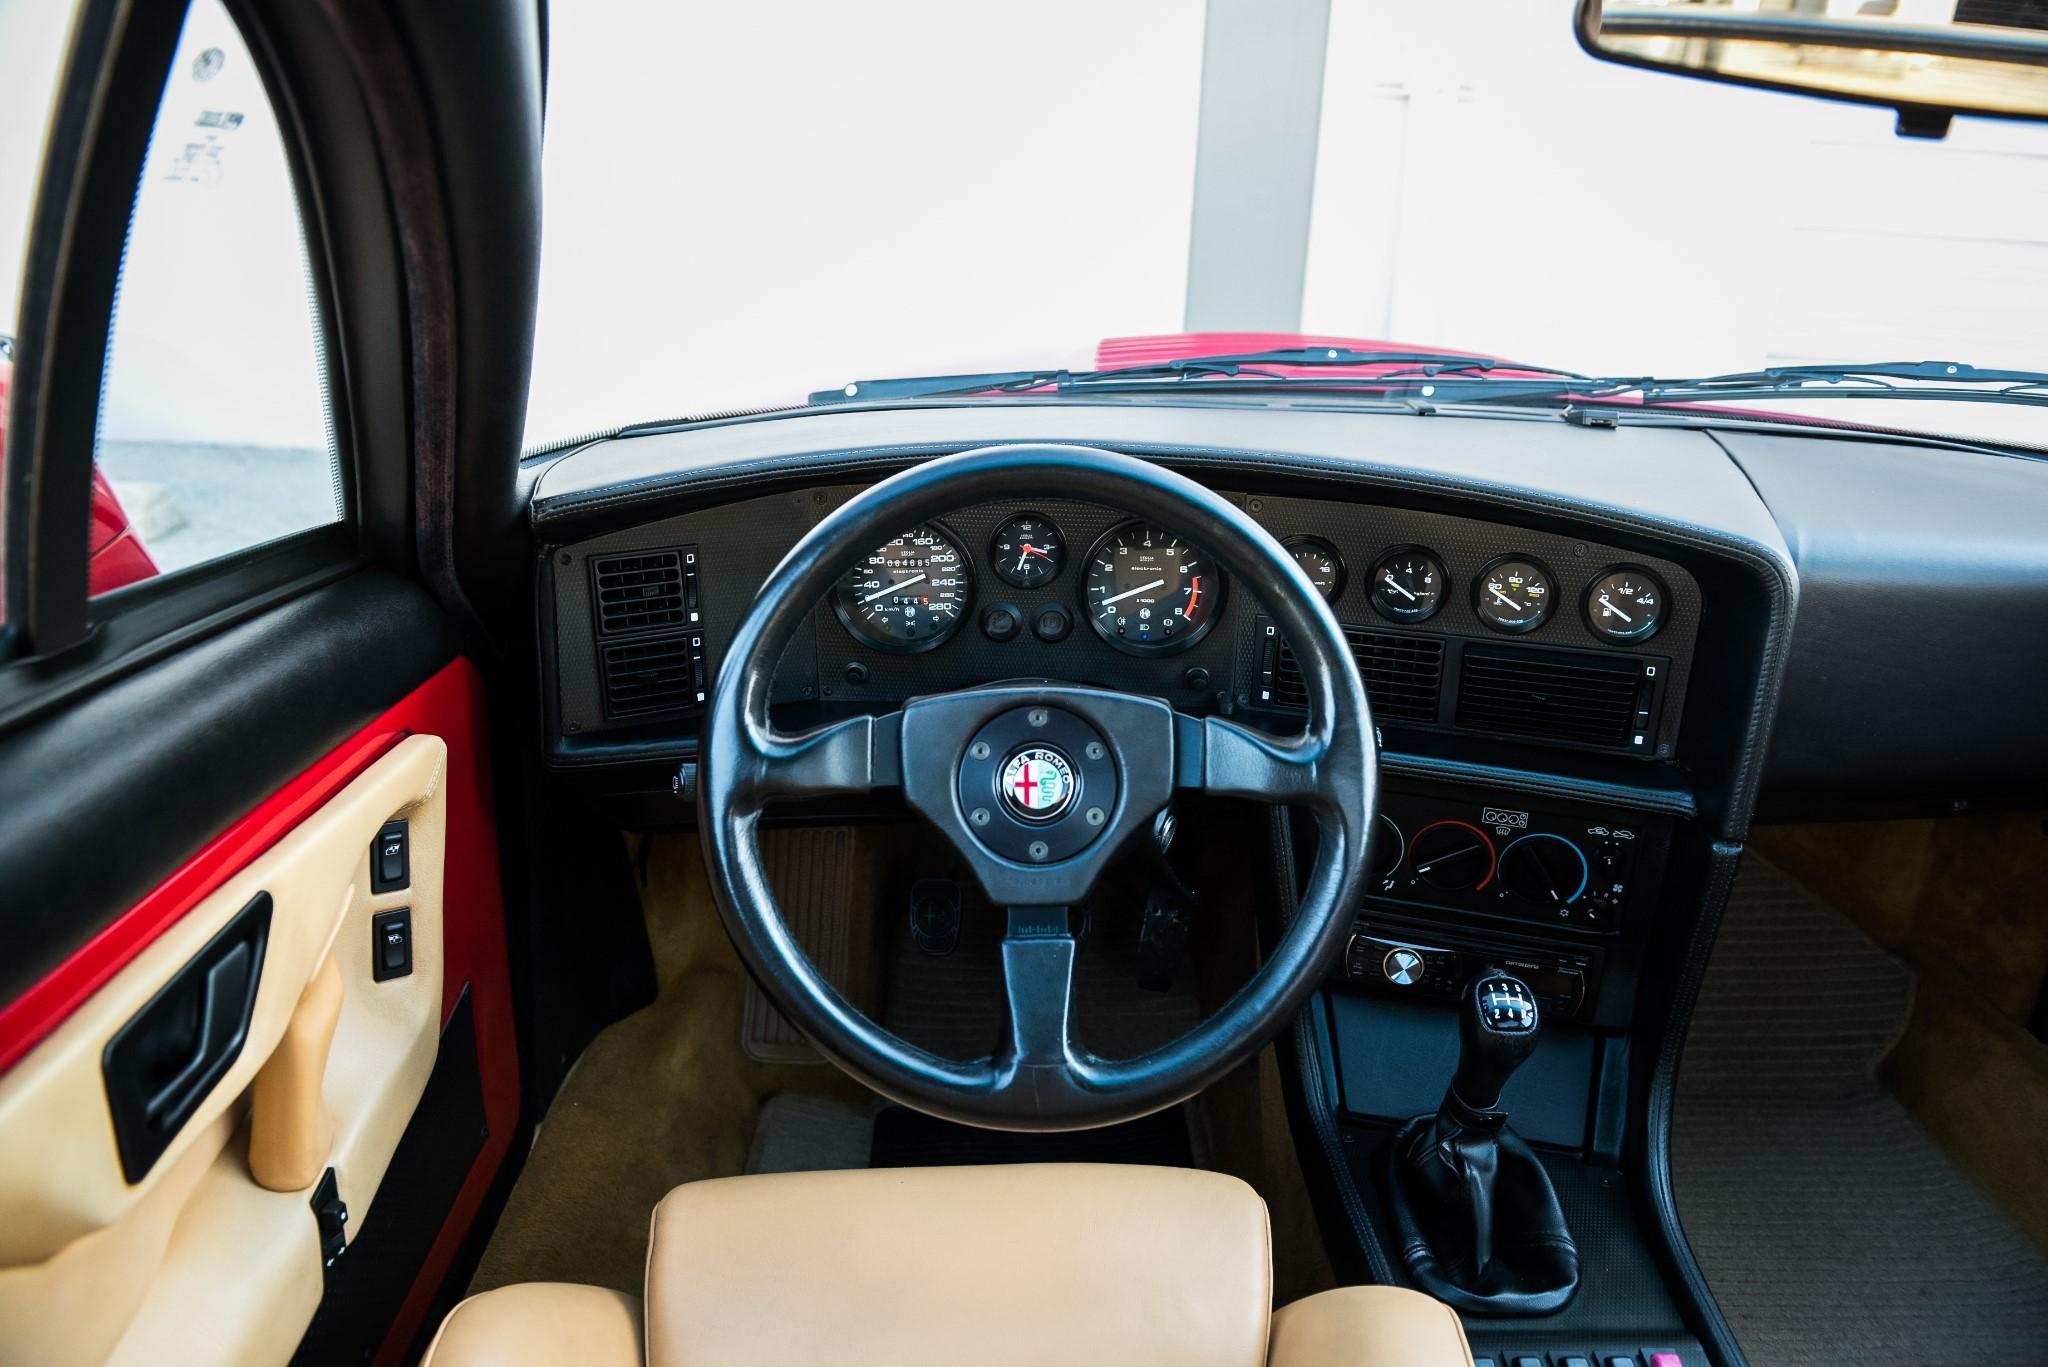 1991 Alfa Romeo SZ dash